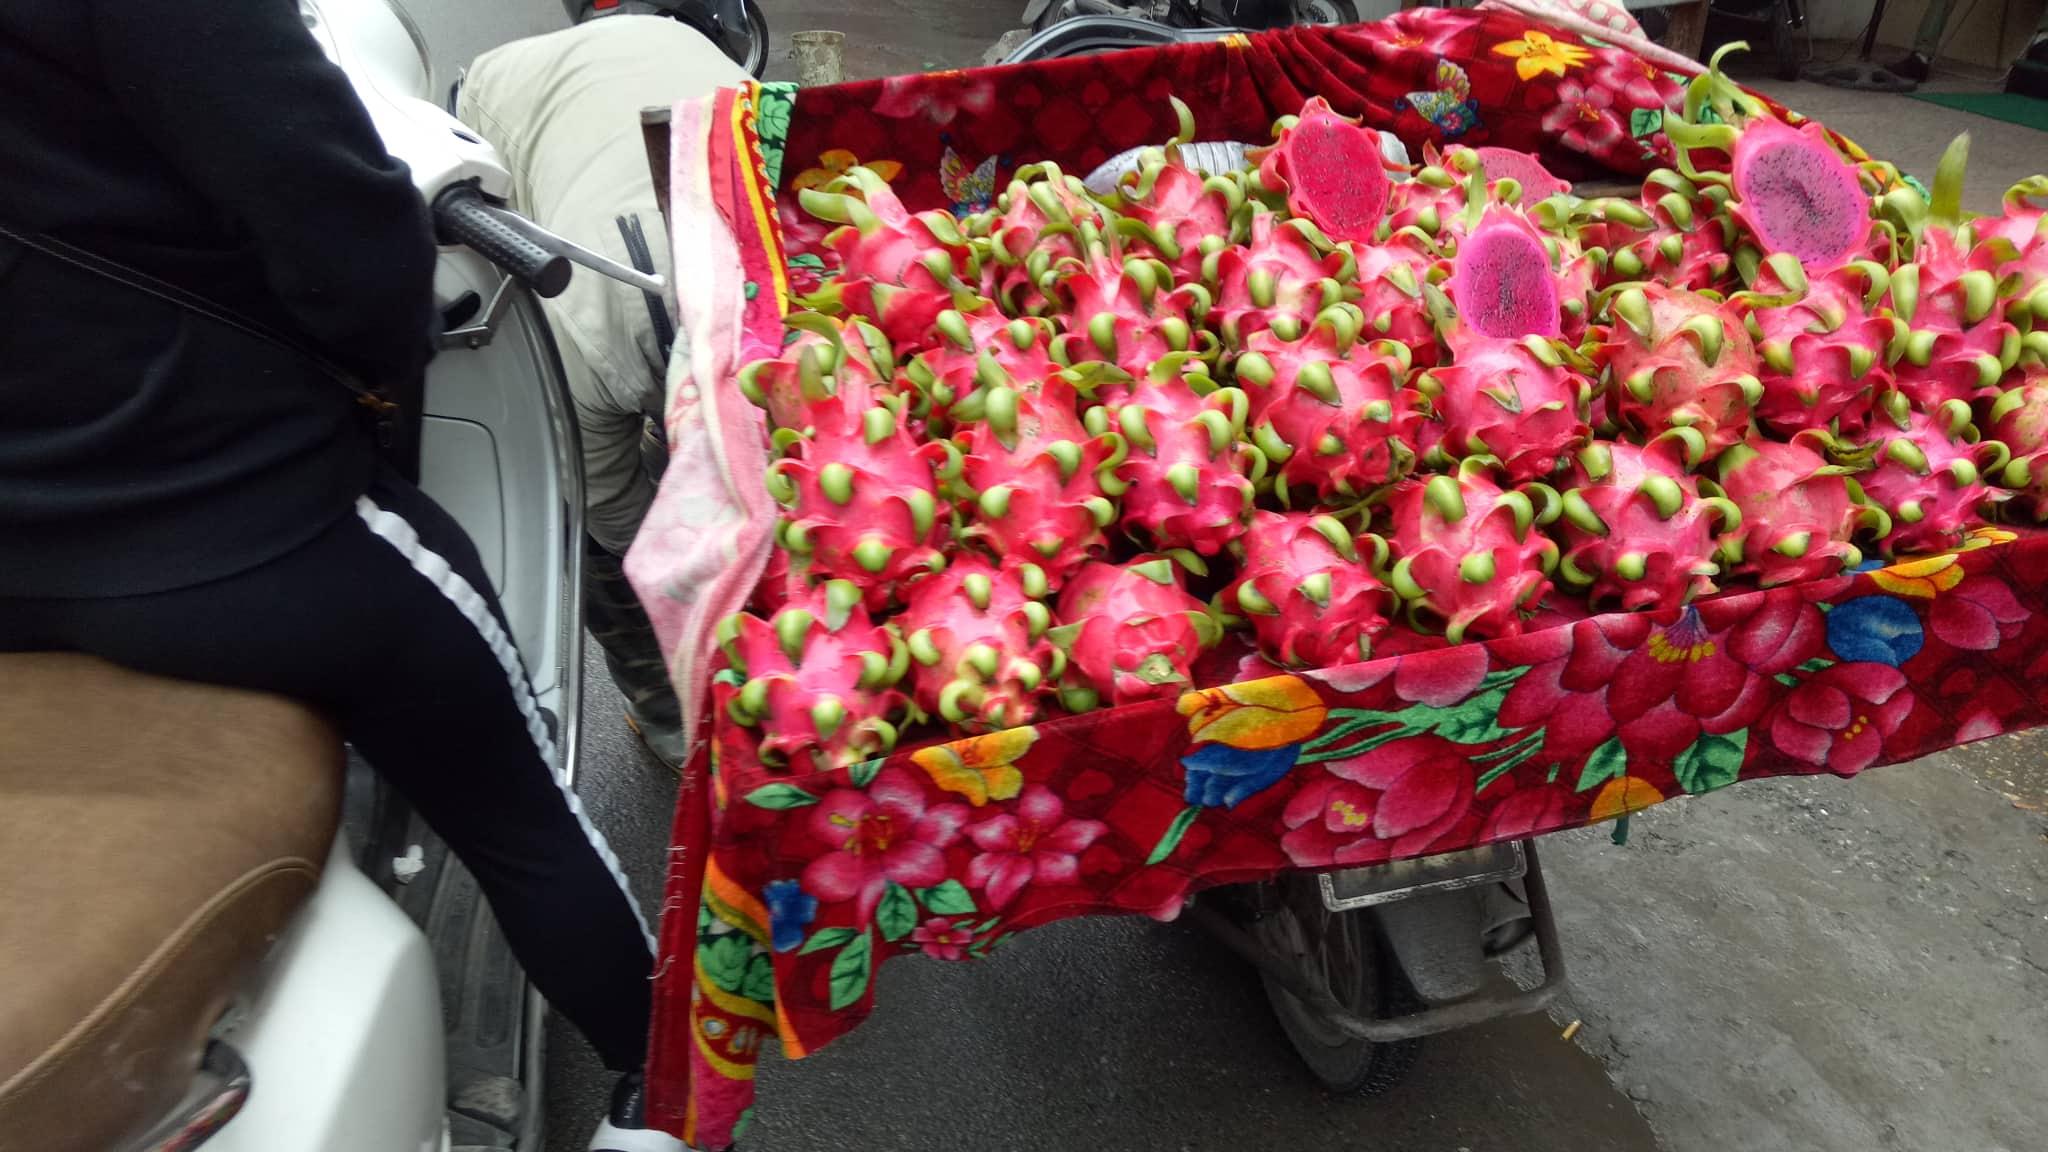 """Thanh long thời Corona: Nhà nông """"khóc"""" vì rẻ, chợ truyền thống vẫn bán giá """"trên trời"""" - 3"""